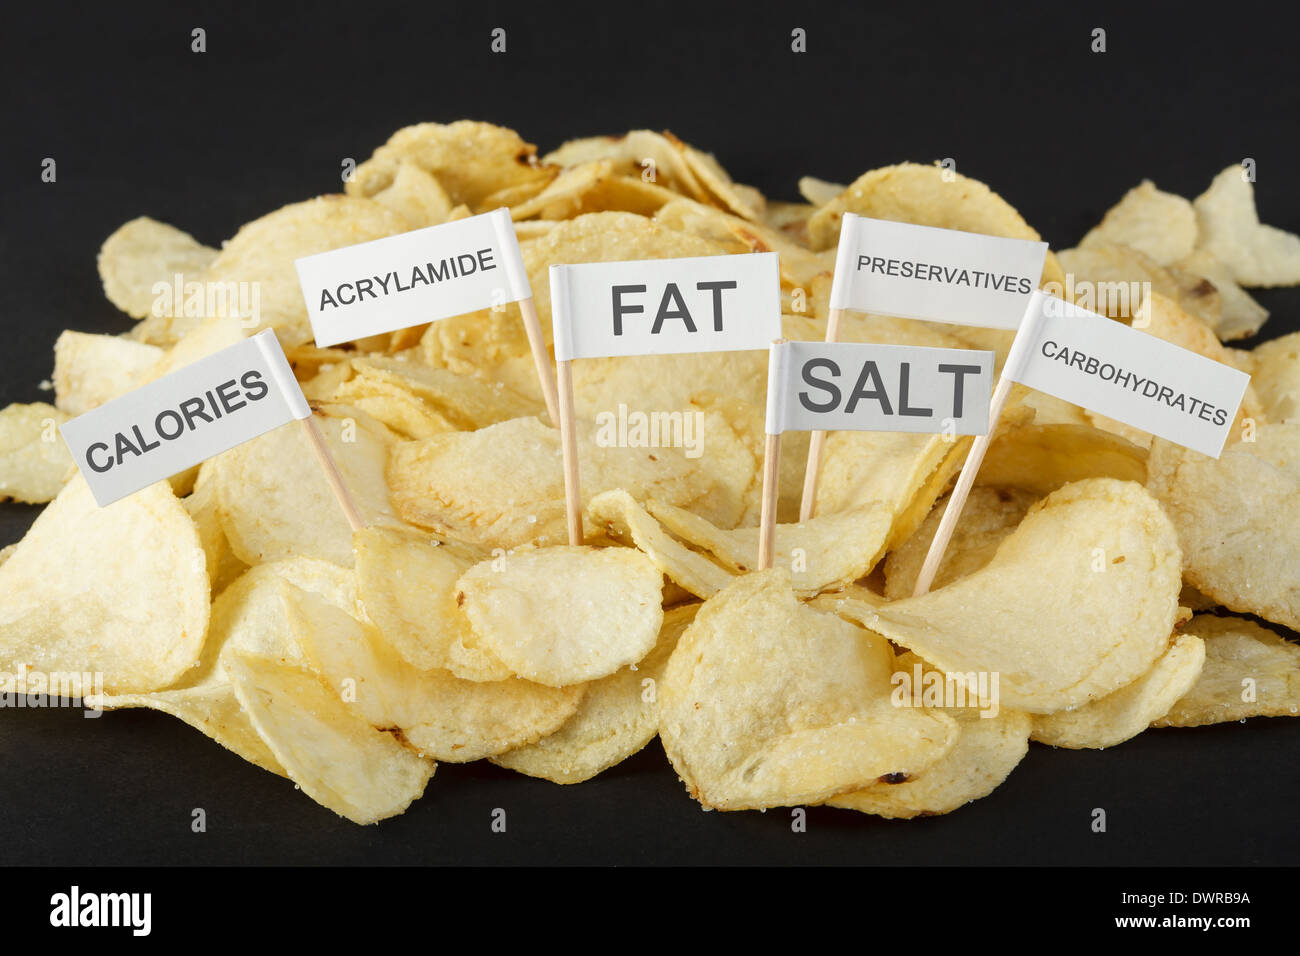 Junk-Food-Konzept. Kartoffel-Chips und Flaggen zeigen ungesunde Zutaten Stockbild